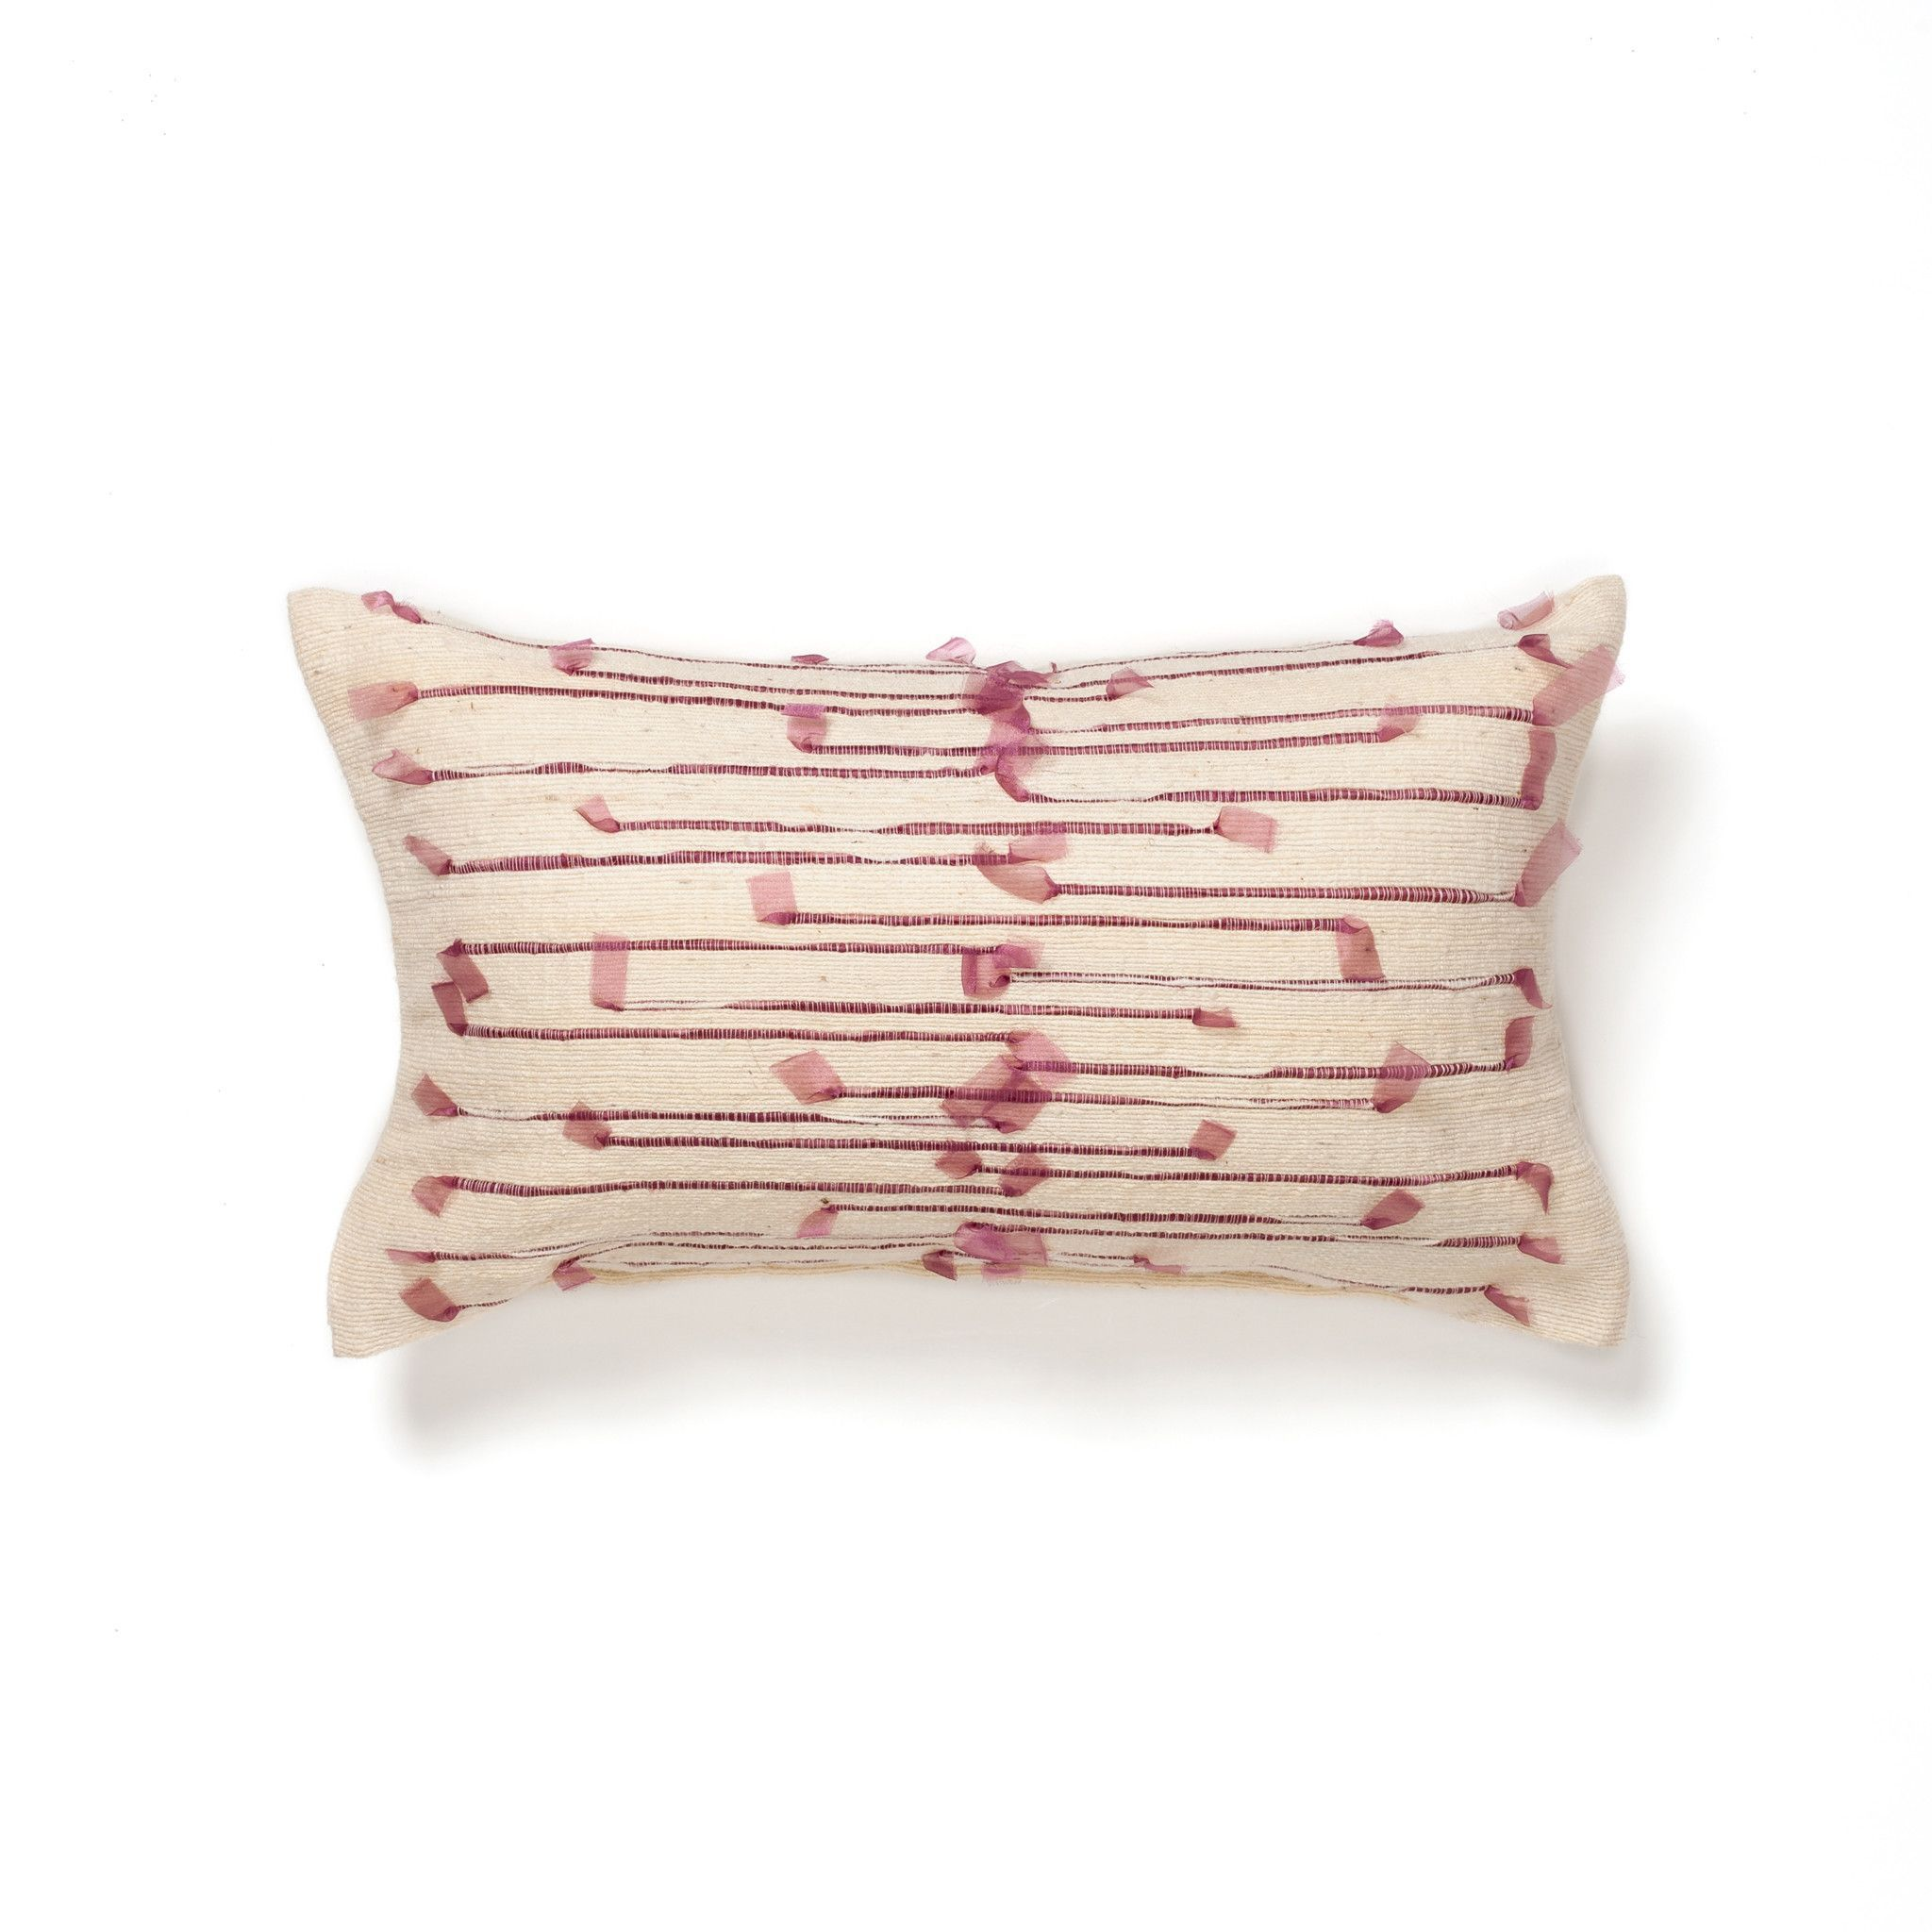 Organza ribbon cushion organza ribbon accent pieces and scandi